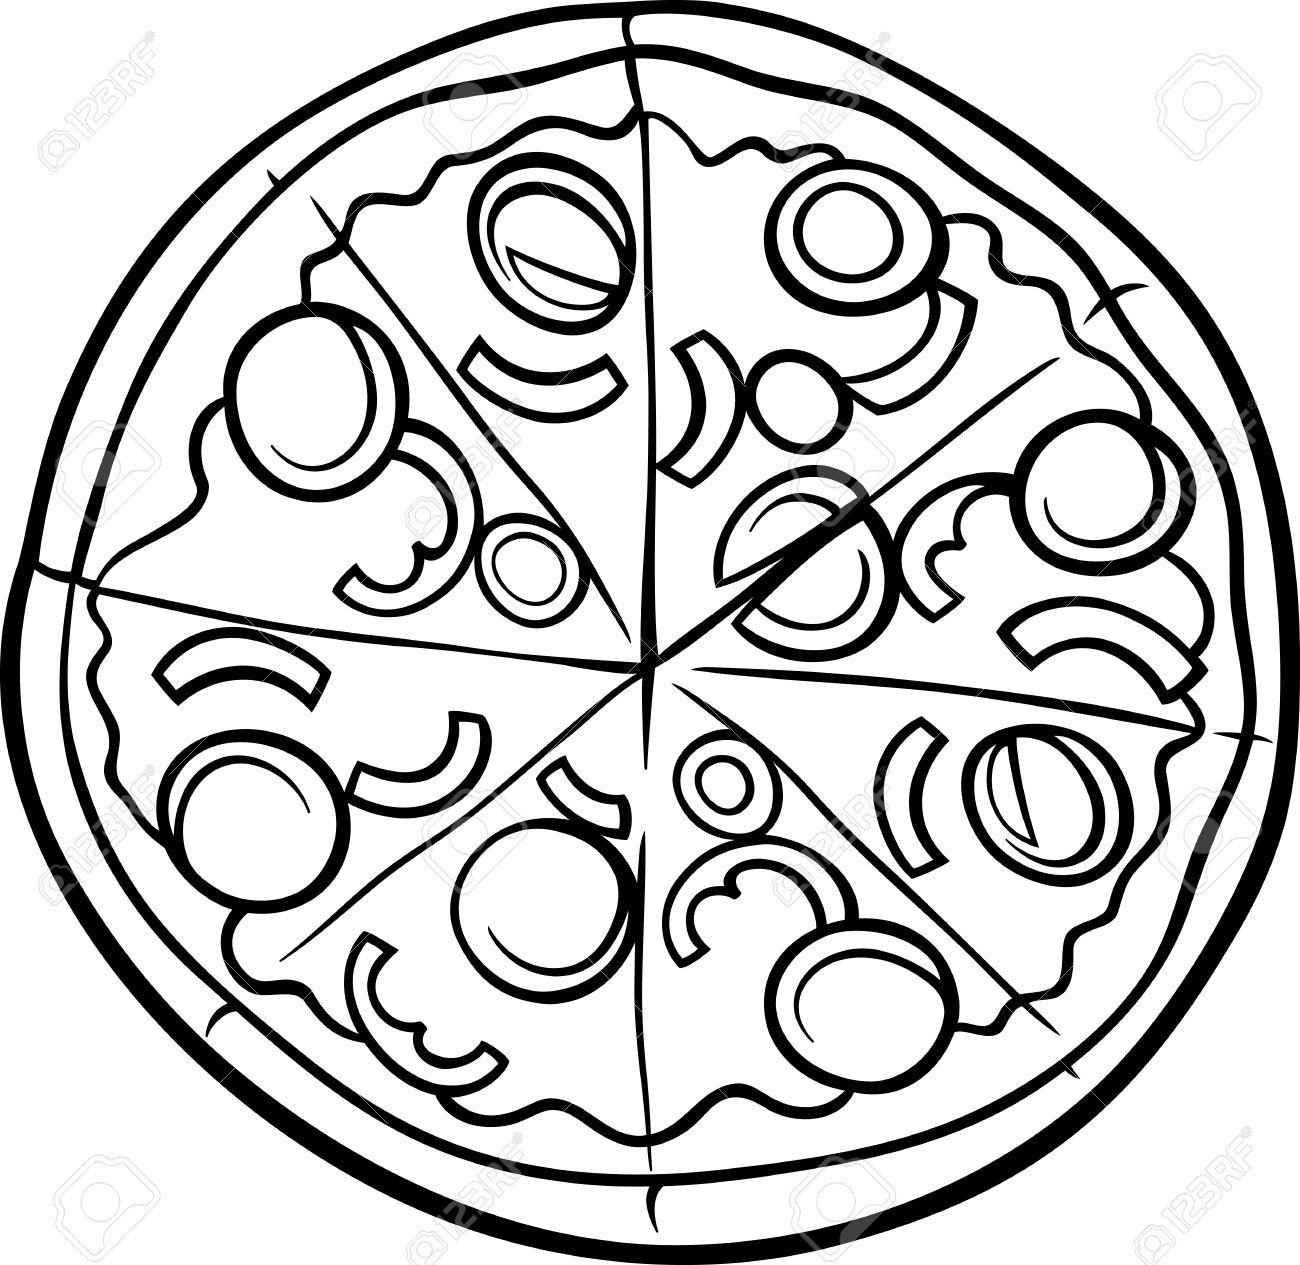 Black clipart pizza, Picture #104852 black clipart pizza.